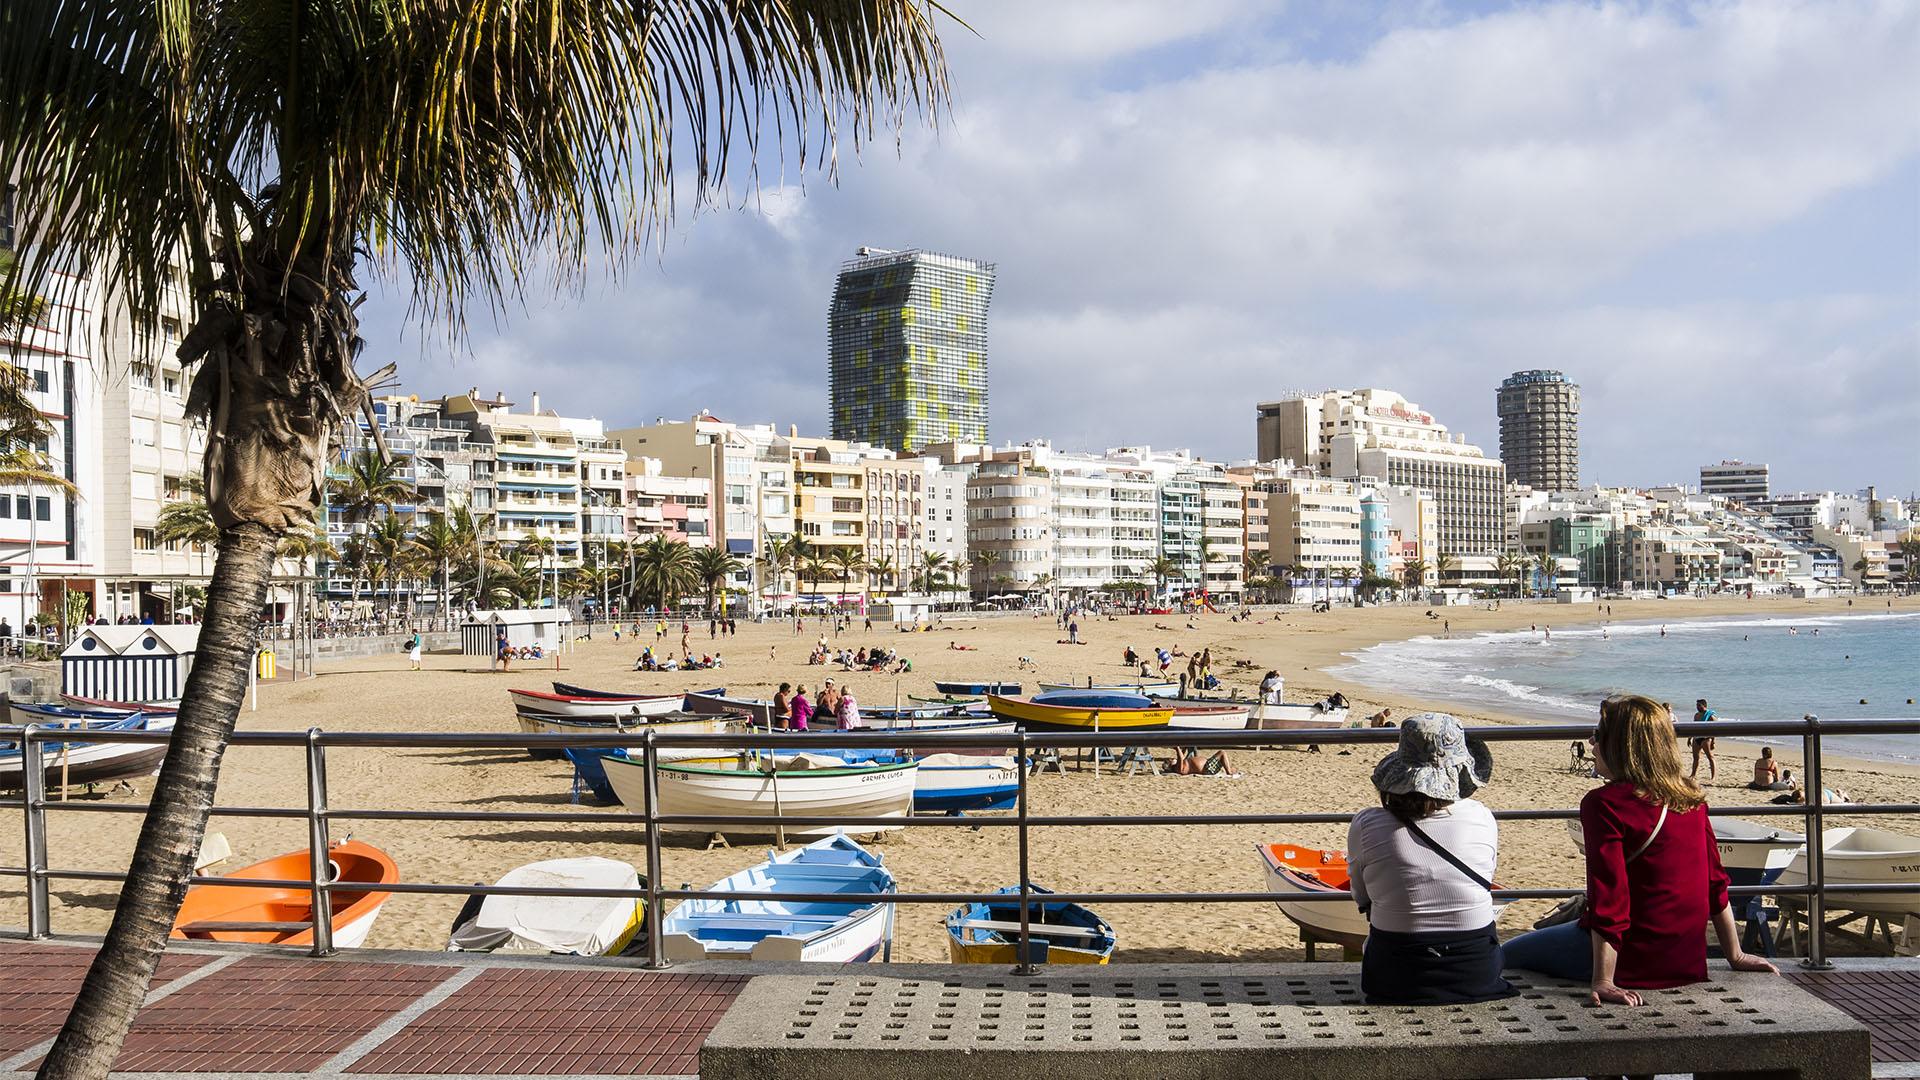 Playa de las Canteras Las Palmas de Gran Canaria.